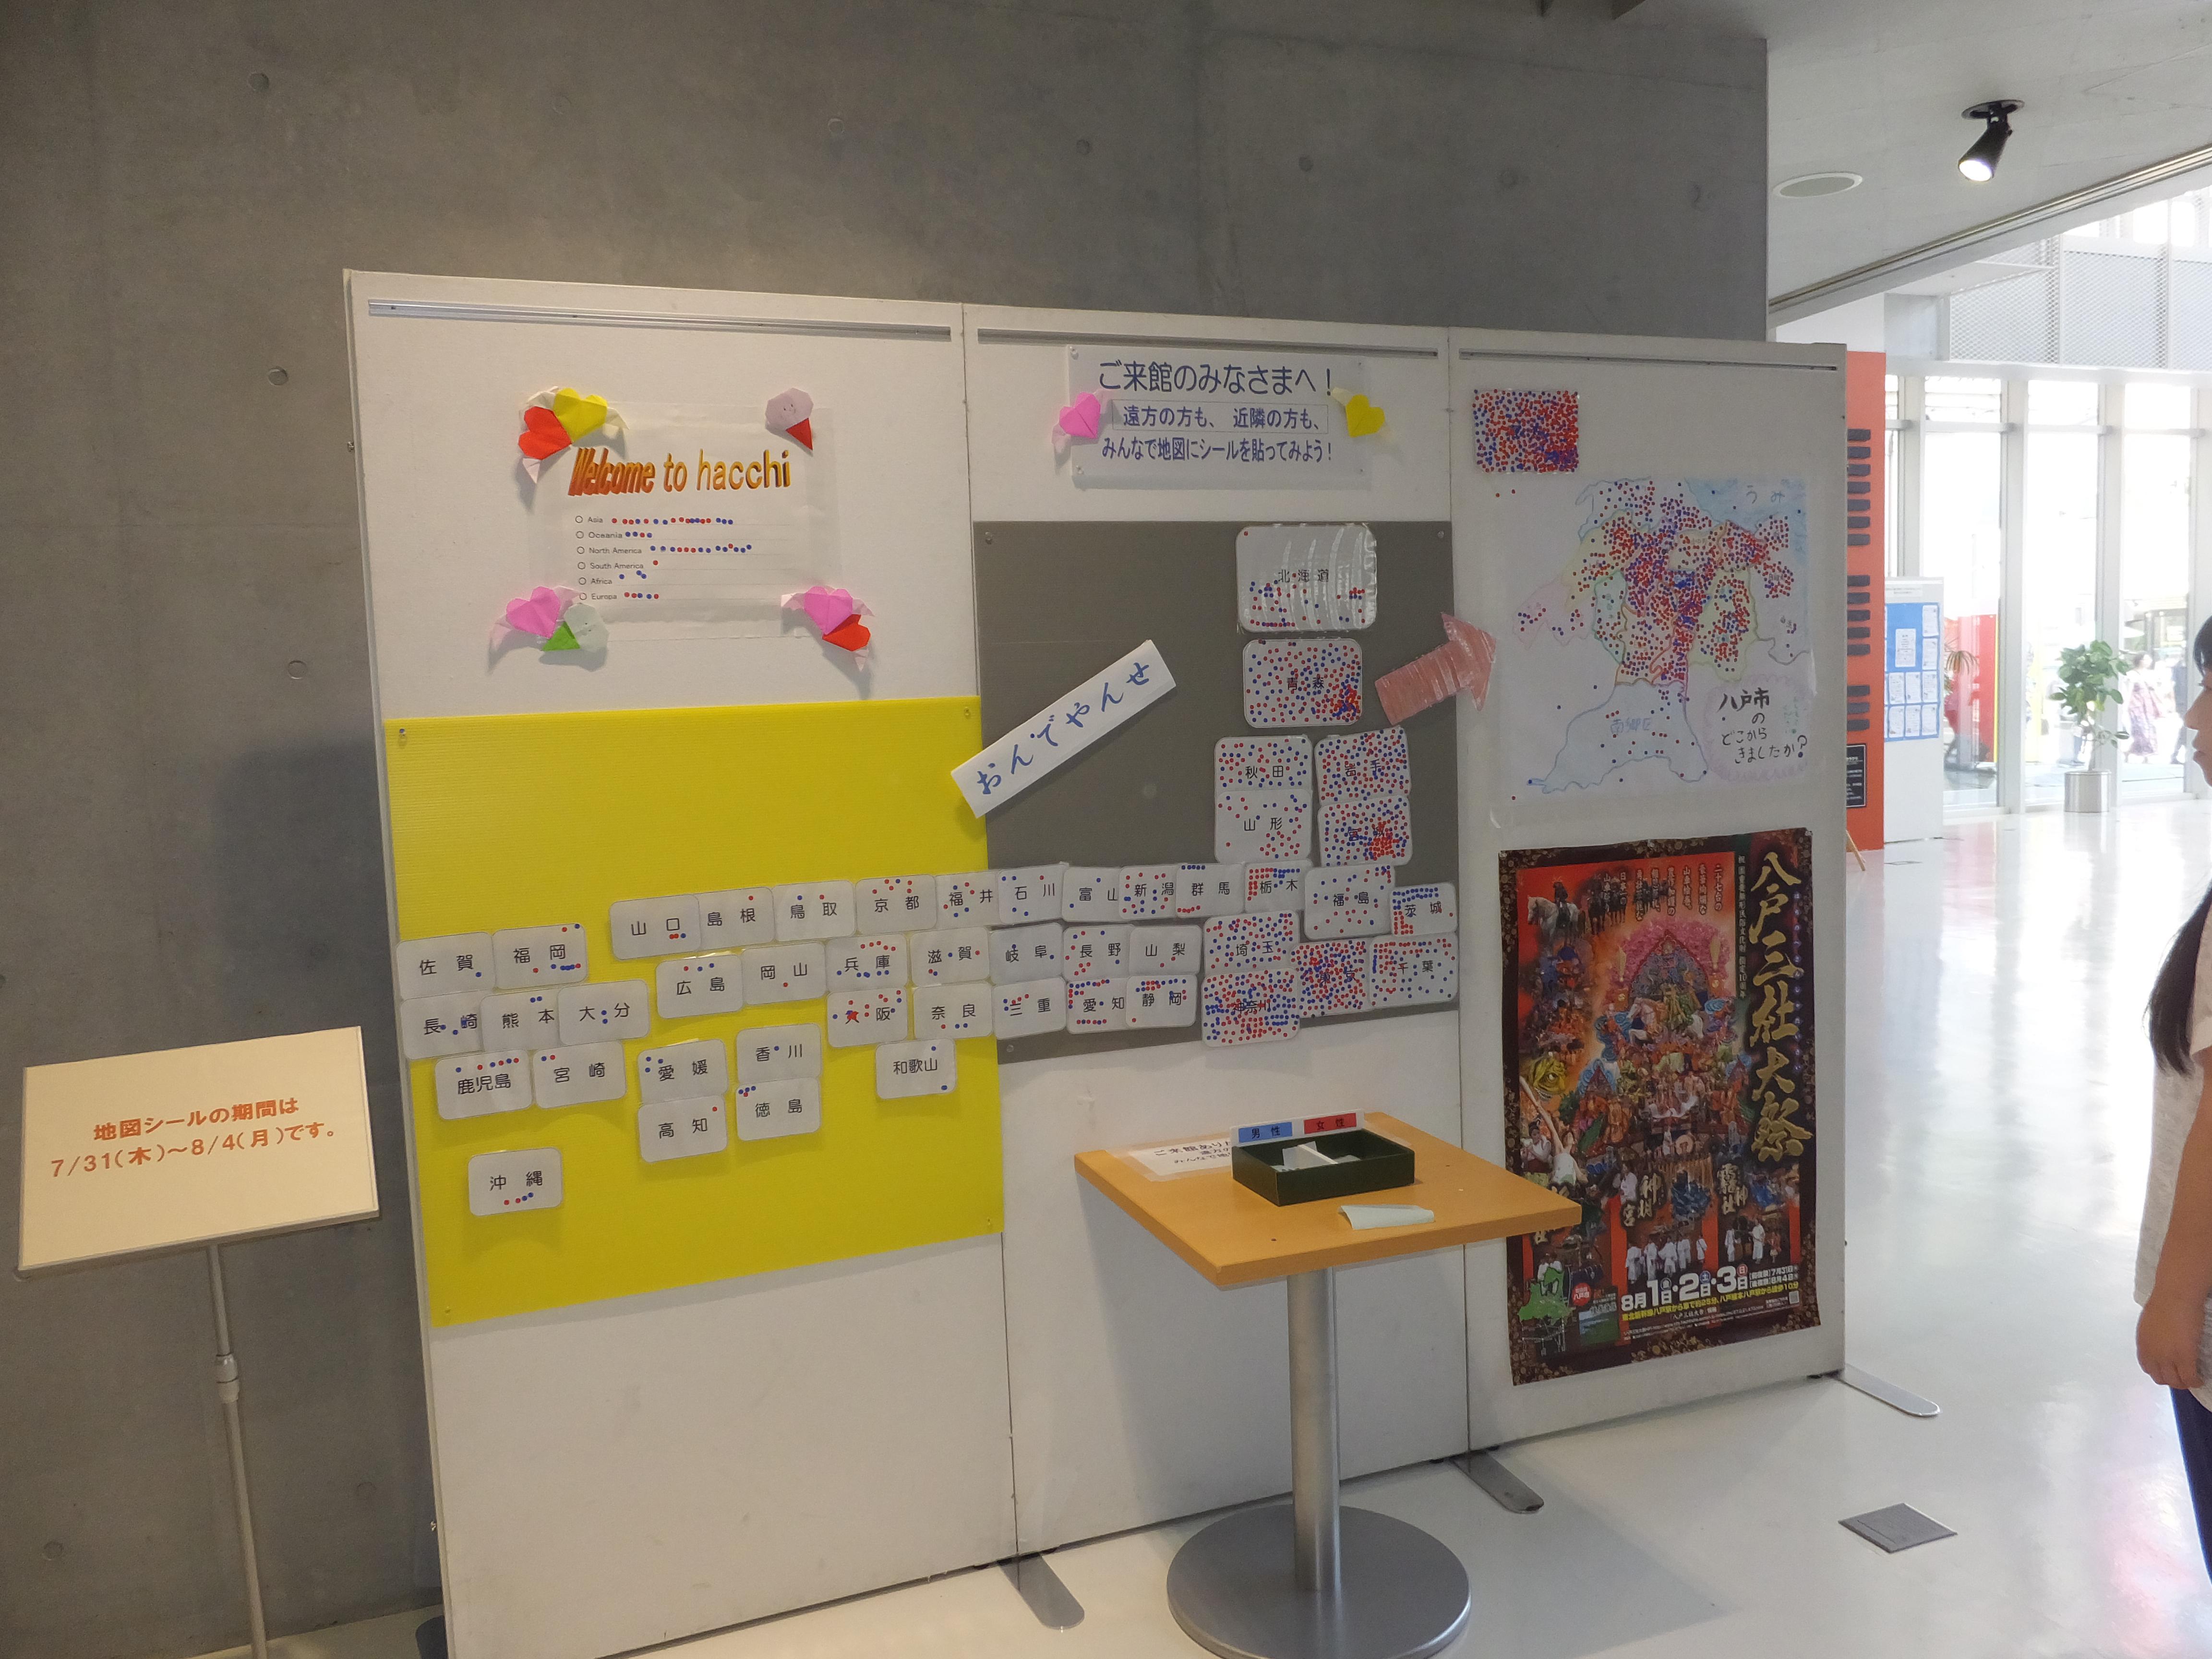 http://hacchi.jp/blog/upload/images/20140807_7.jpg